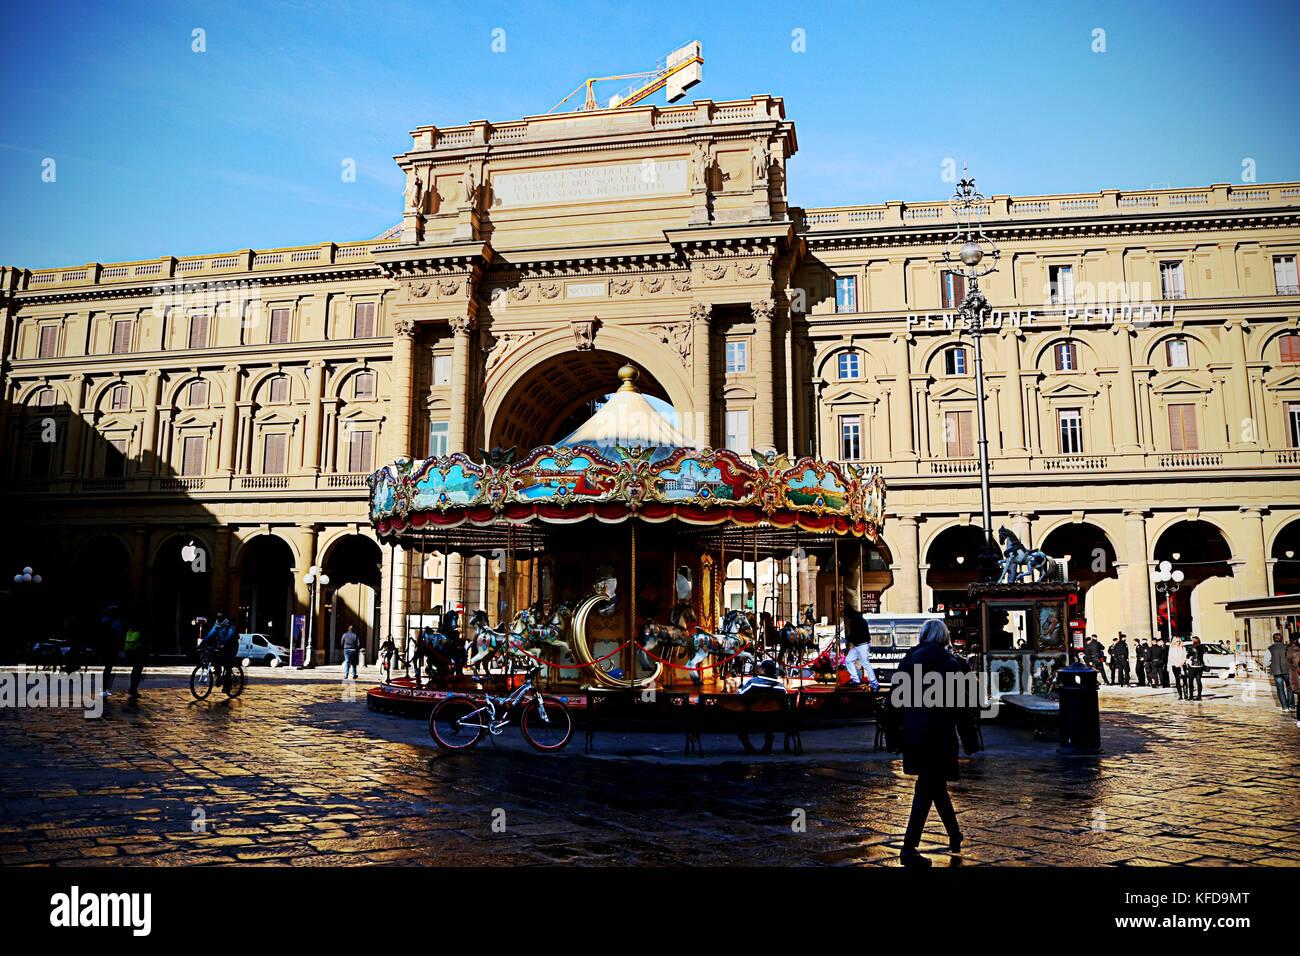 Carusel en Florencia - Stock Image